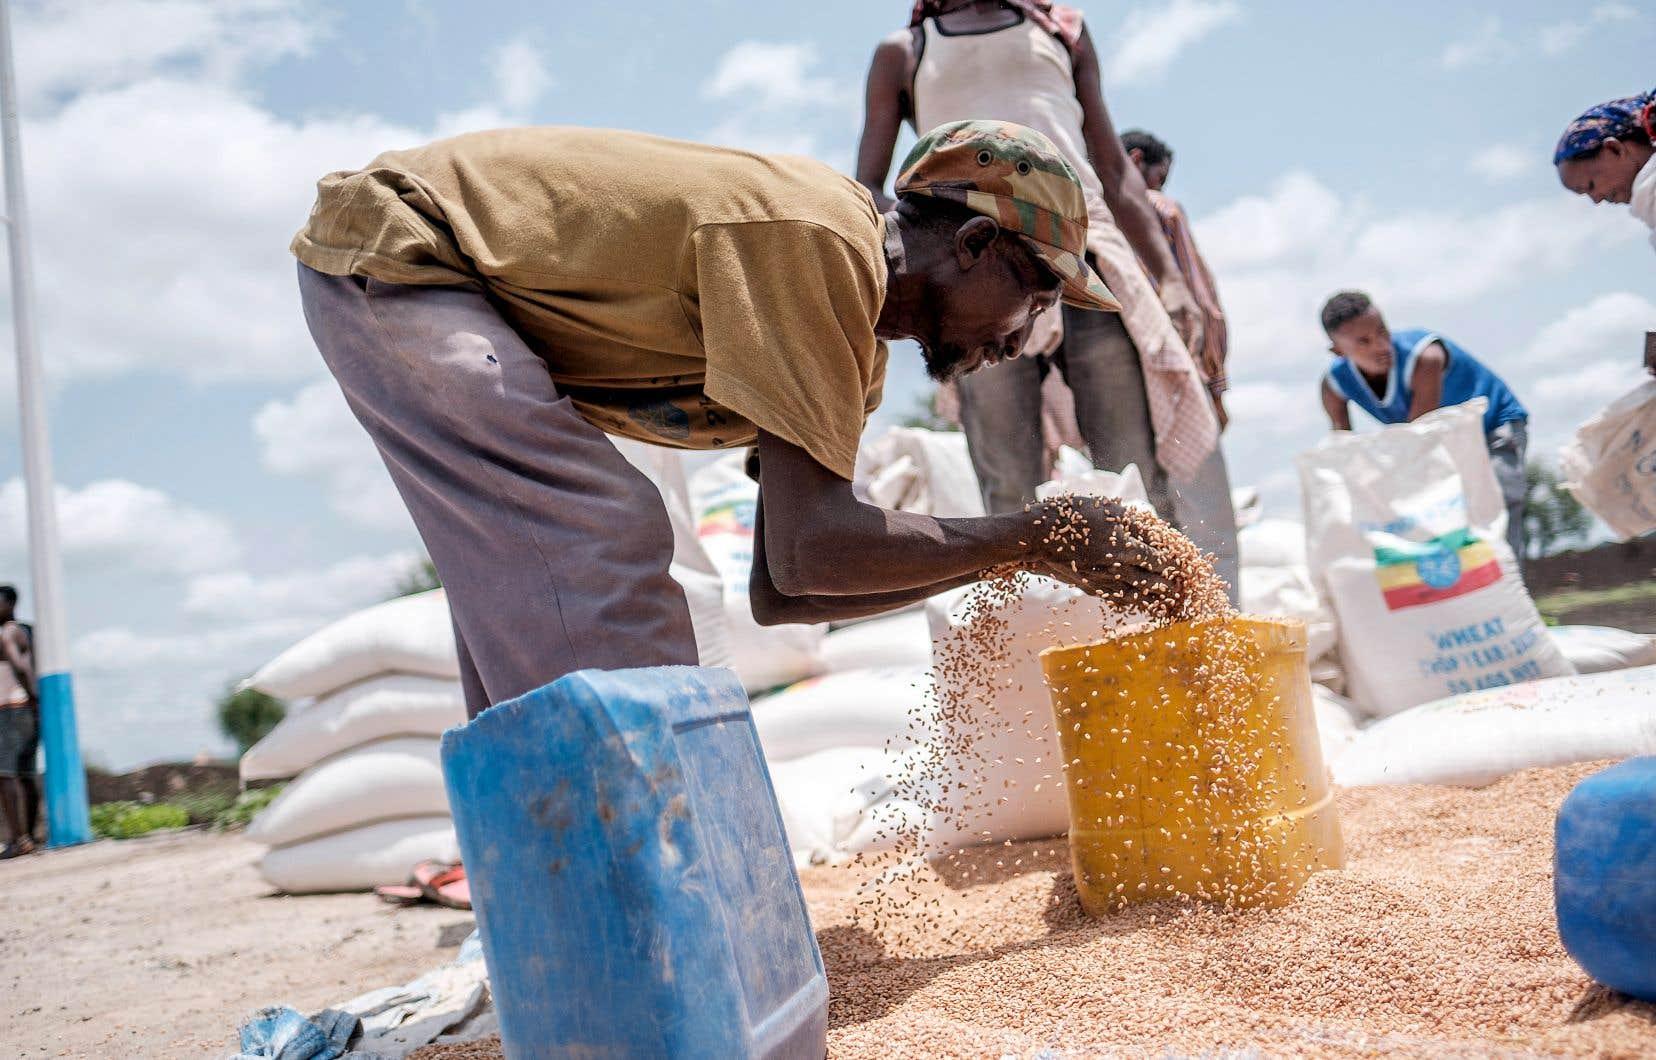 Un homme met du blé dans un contenant lors d'une distribution de nourriture organisée par le gouvernement d'Amhara près du village de Baker, dans la région nord du Tigré.